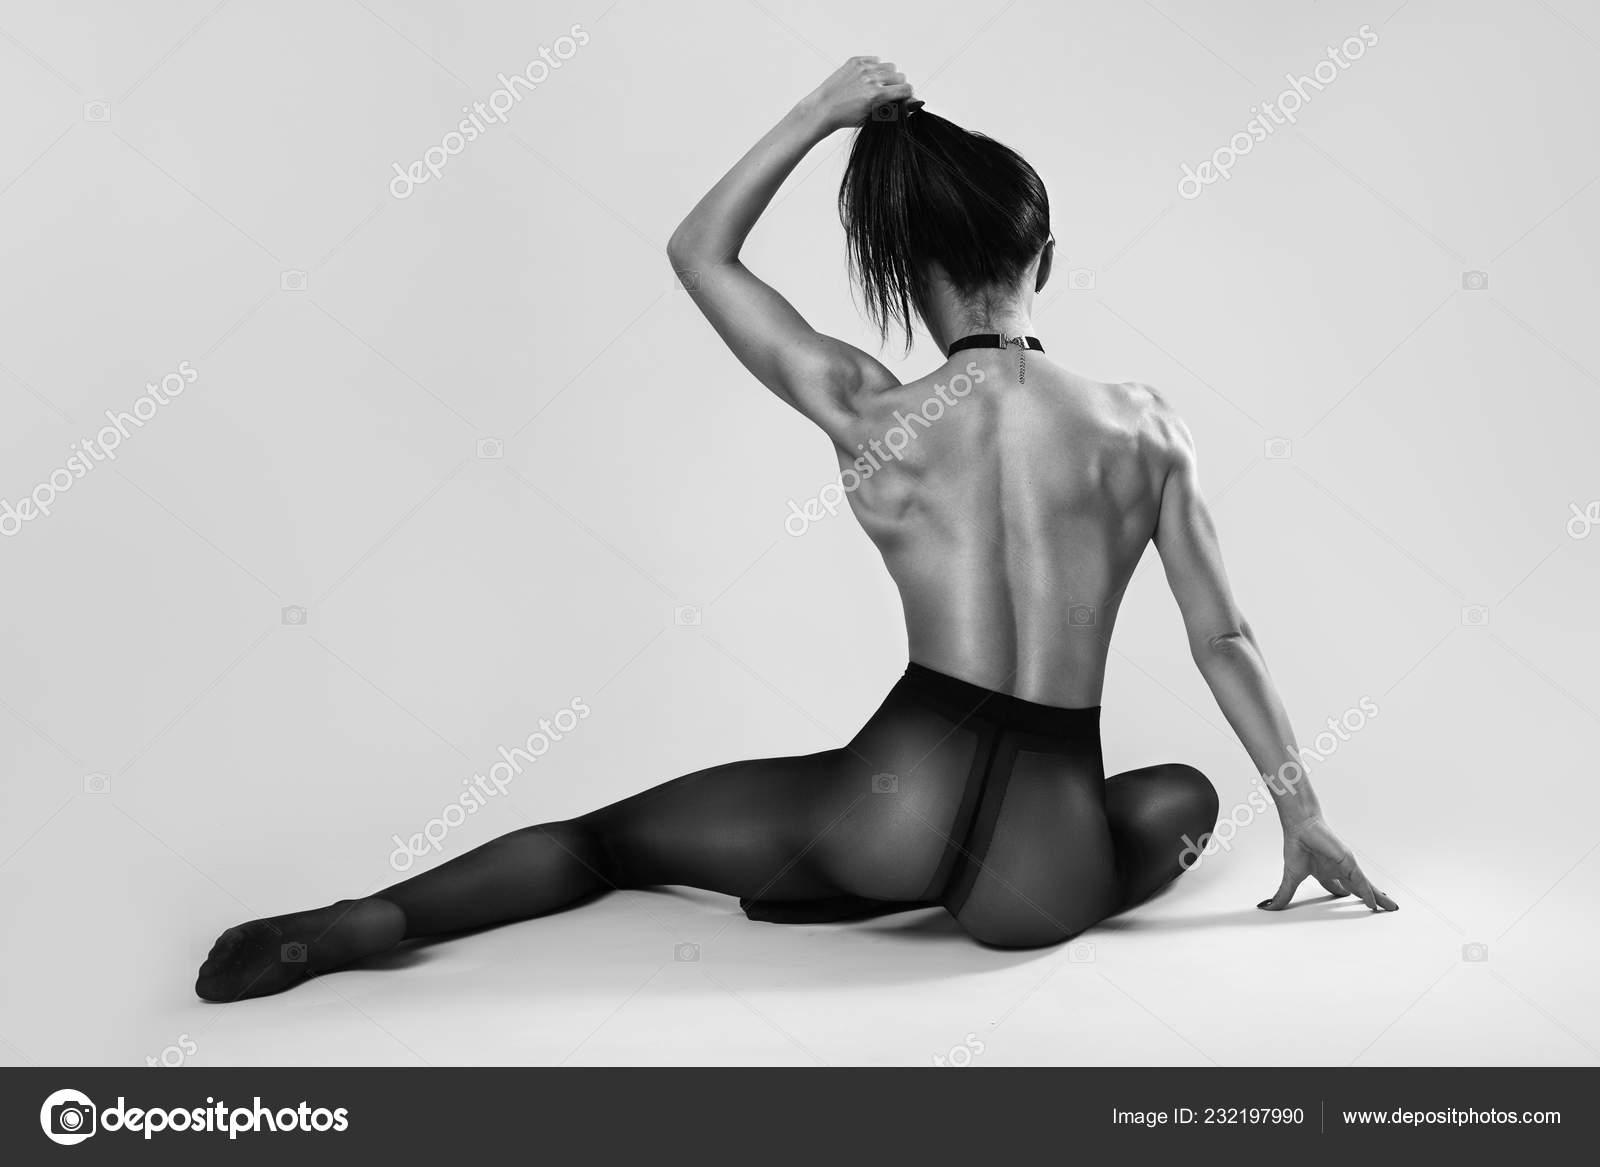 51d13fc0bd8 아름 다운 섹시 한 피트 니스 다시 회색 배경에 팬티 스타킹에 누드 포즈를 취하는 완벽 한 스포츠를 가진 여자. 스포츠 피트 니스 및  건강 문제.